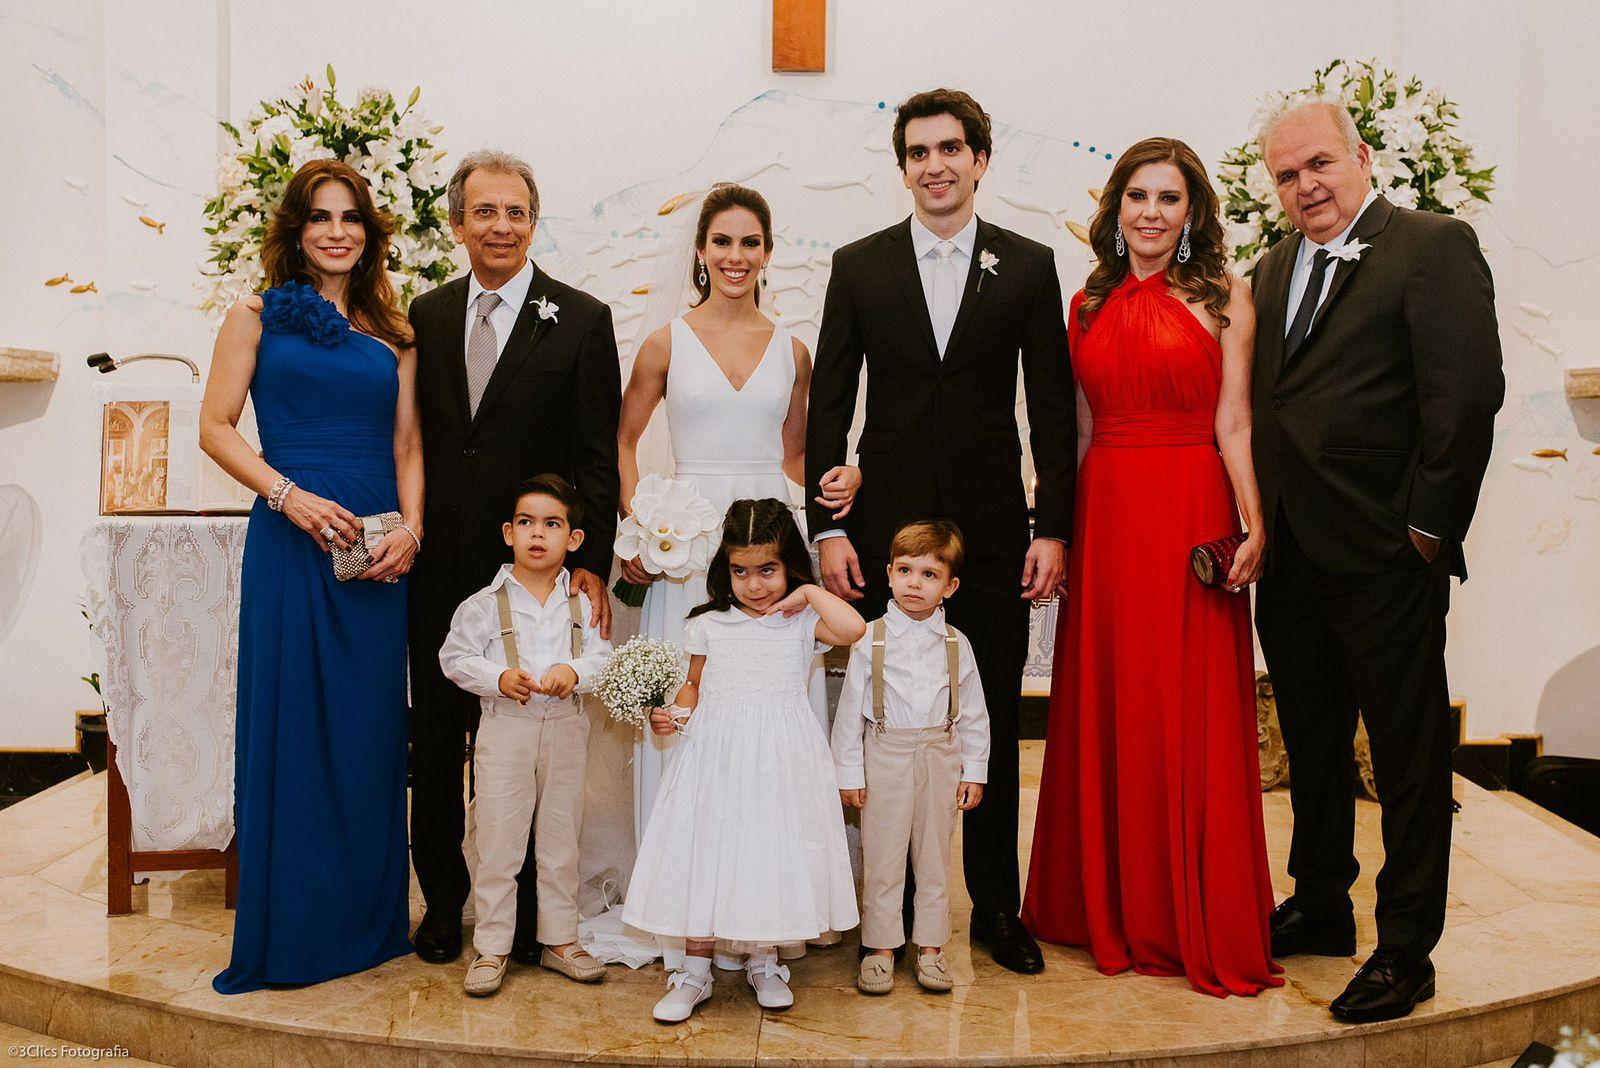 Manuela Rolim e Raphael Nogueira selam a união